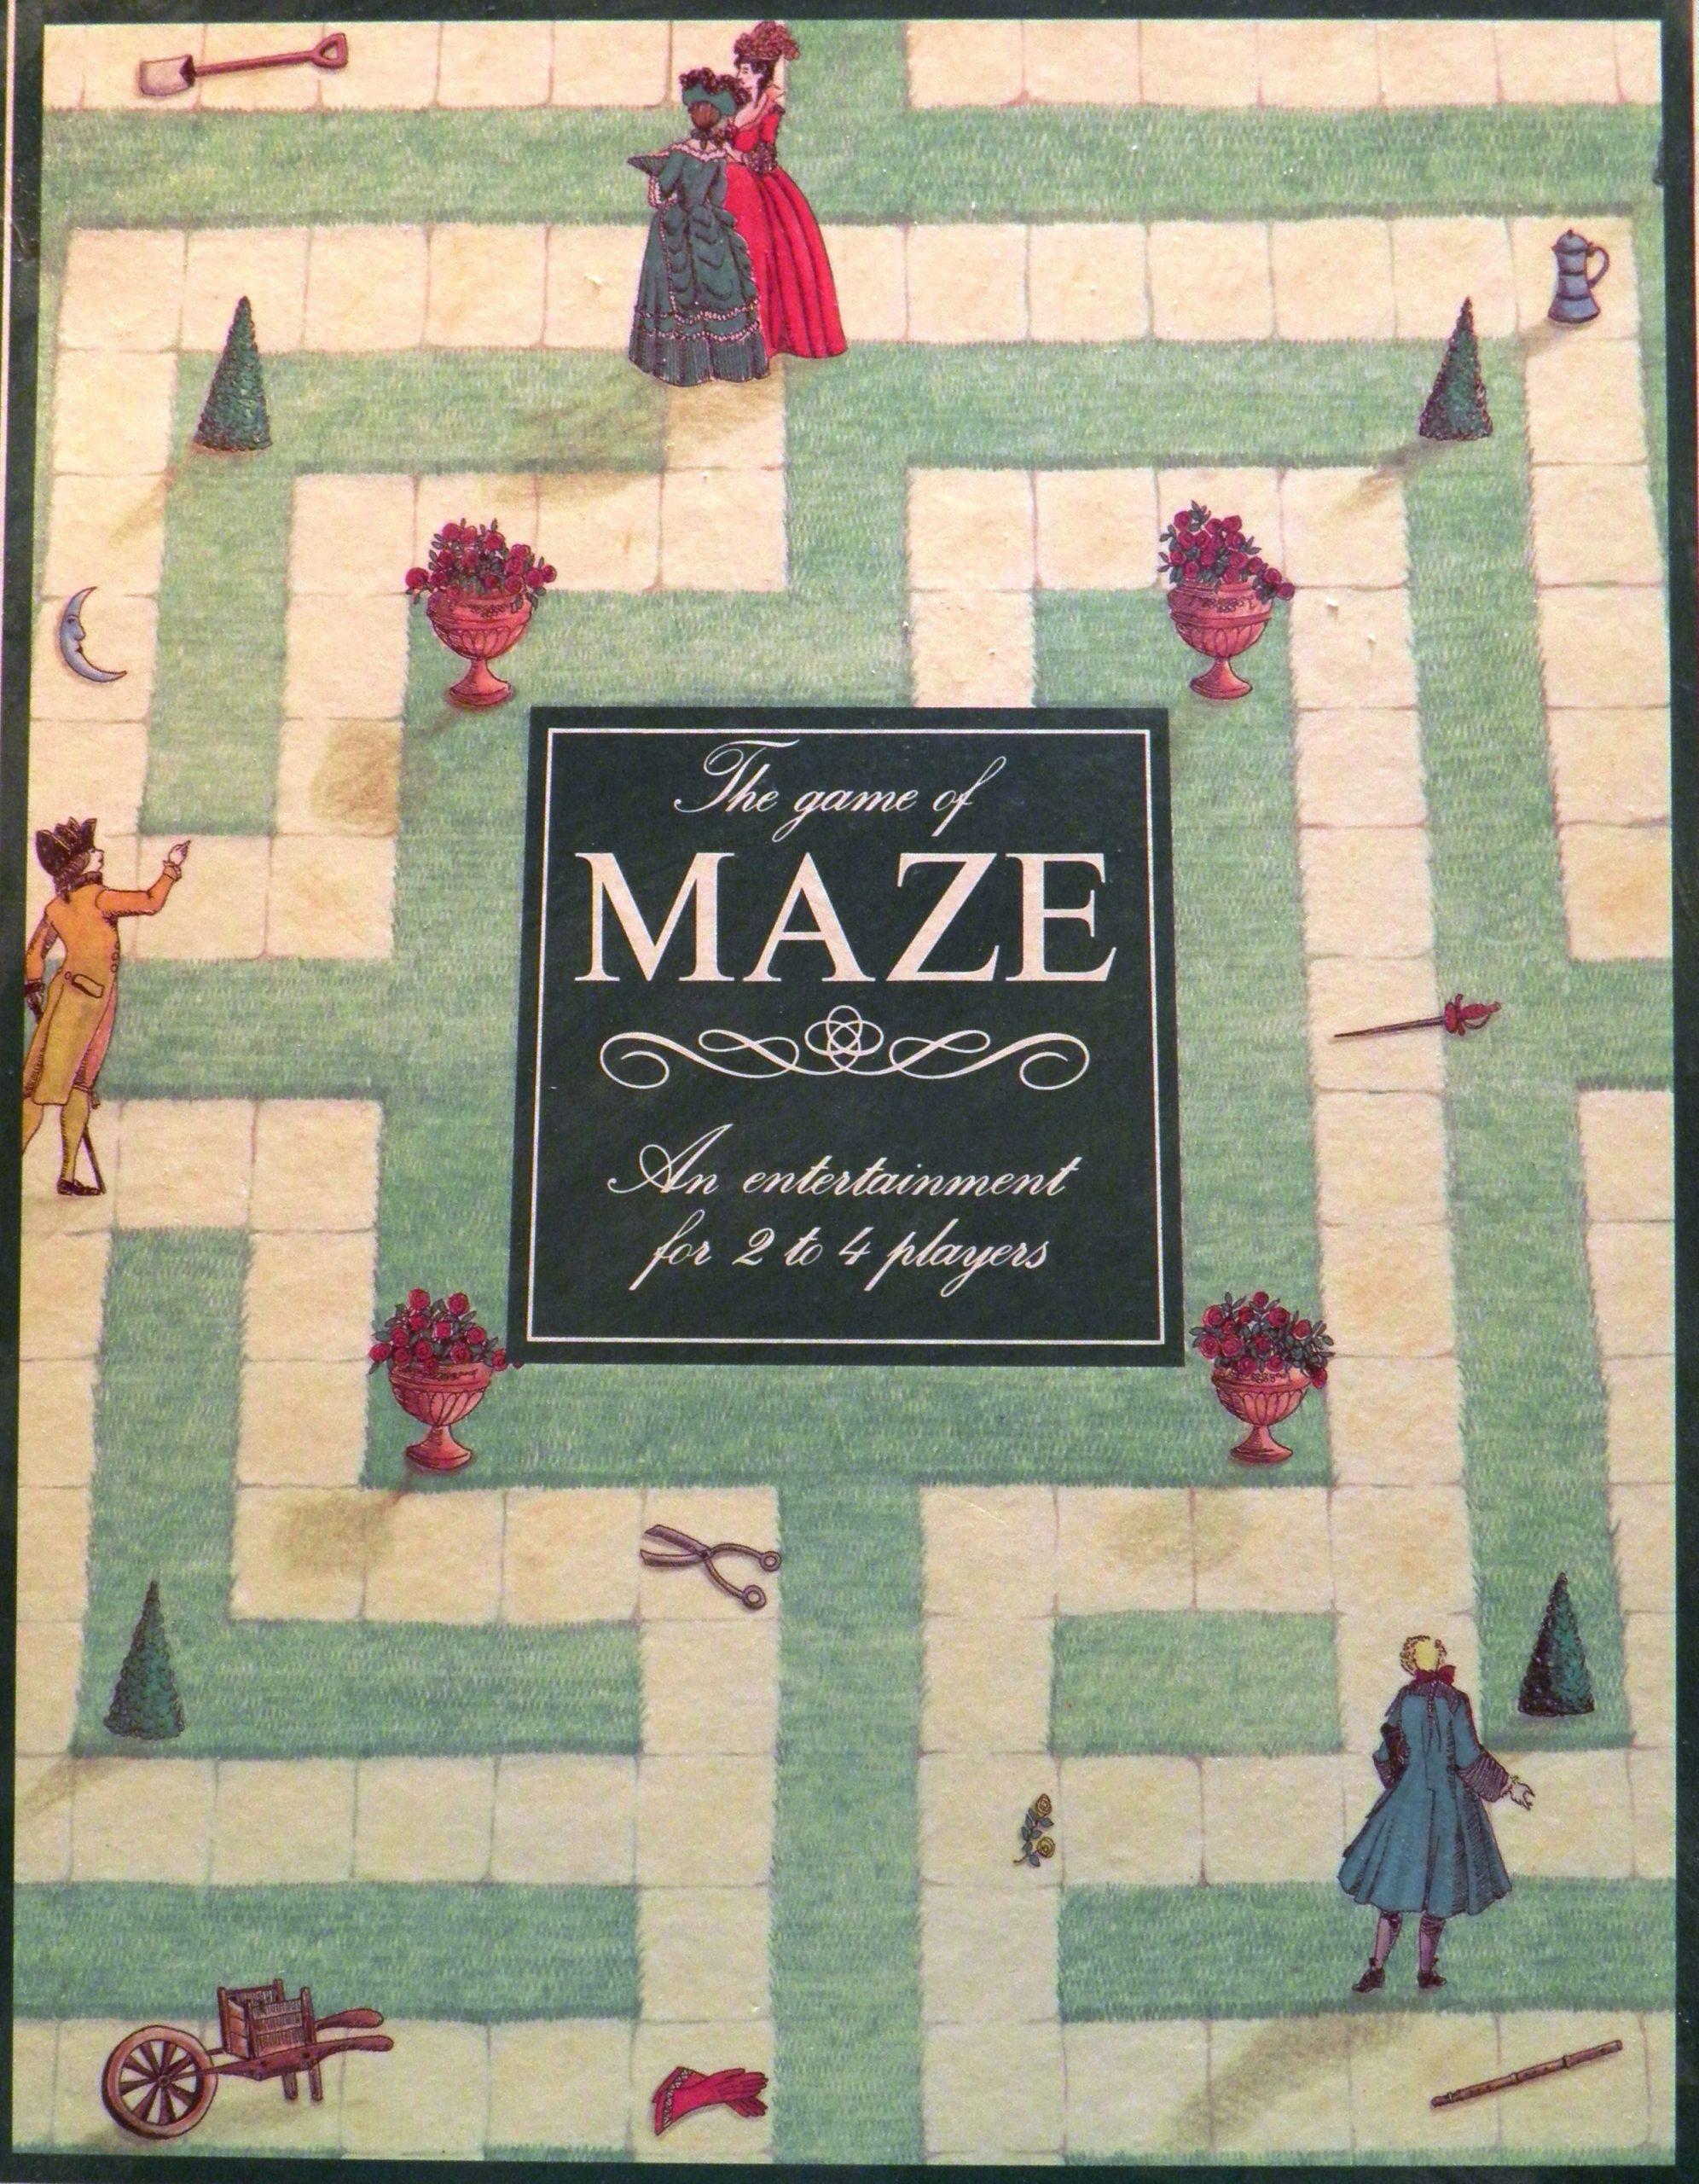 настольная игра The Game of Maze Игра в лабиринт